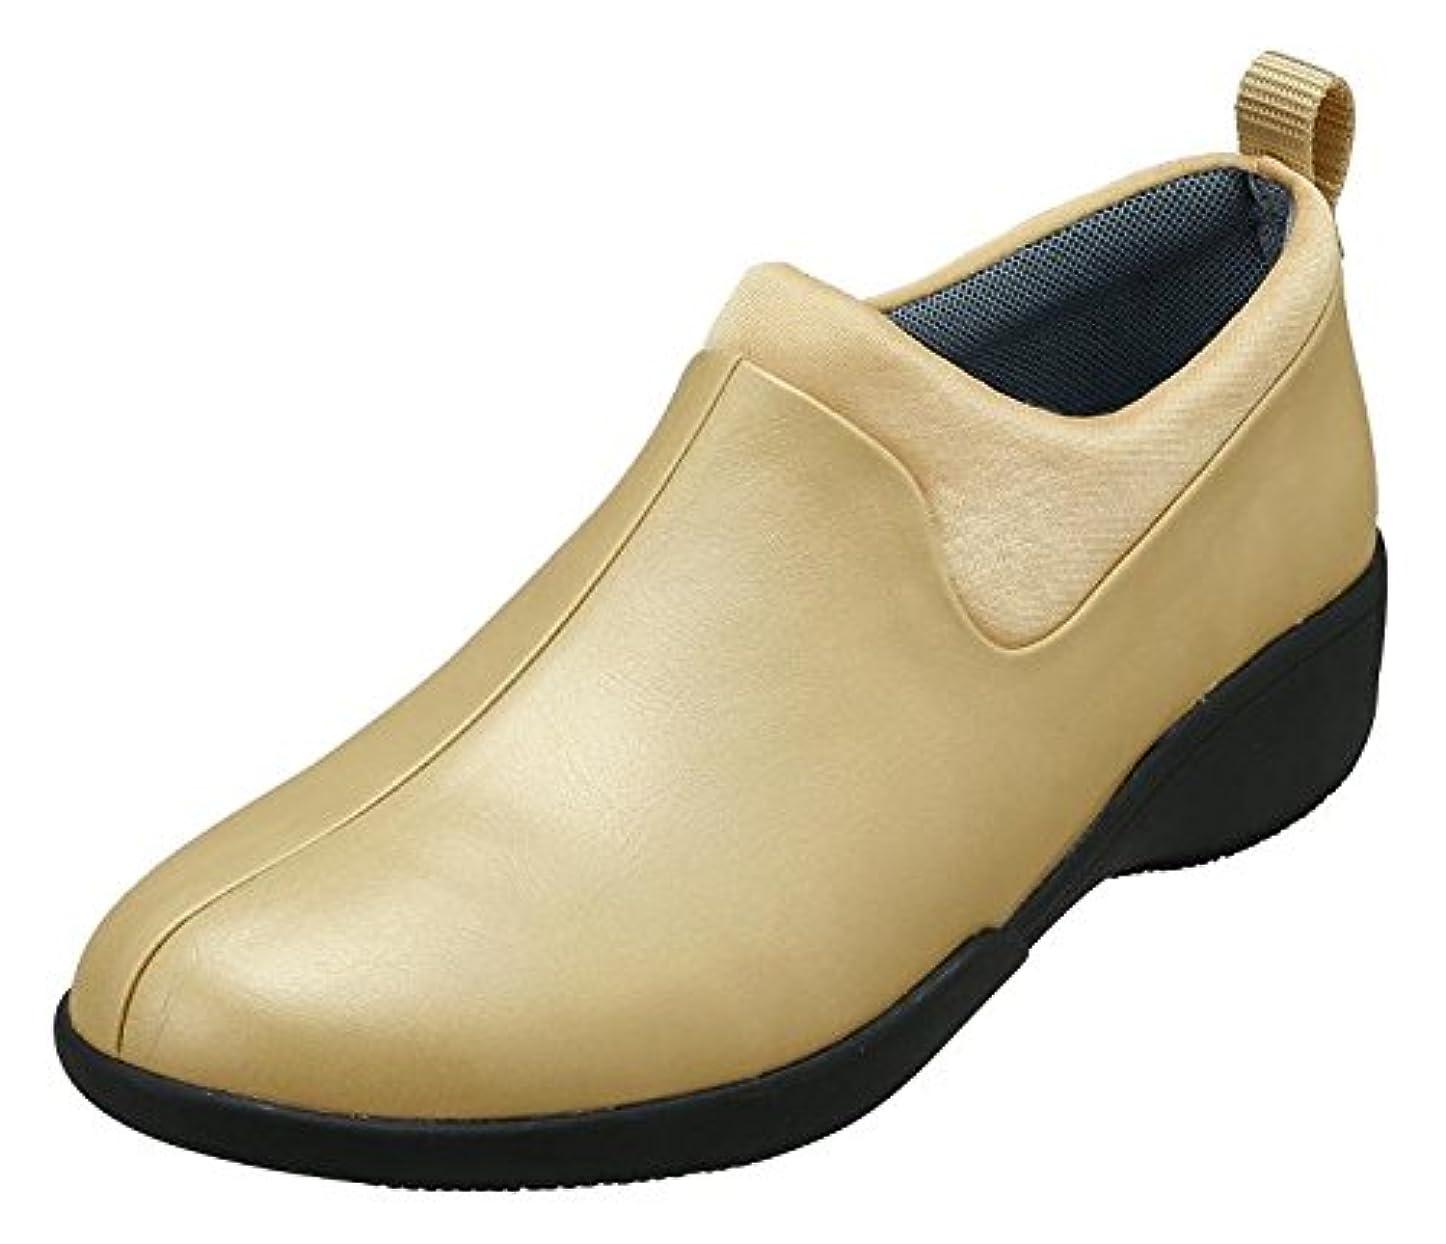 パイプラインビジョンとして[パンジー] レディースレインステップレインシューズ防水設計晴れの日も履ける4931 (24.5cm (3E), ライトゴールド)